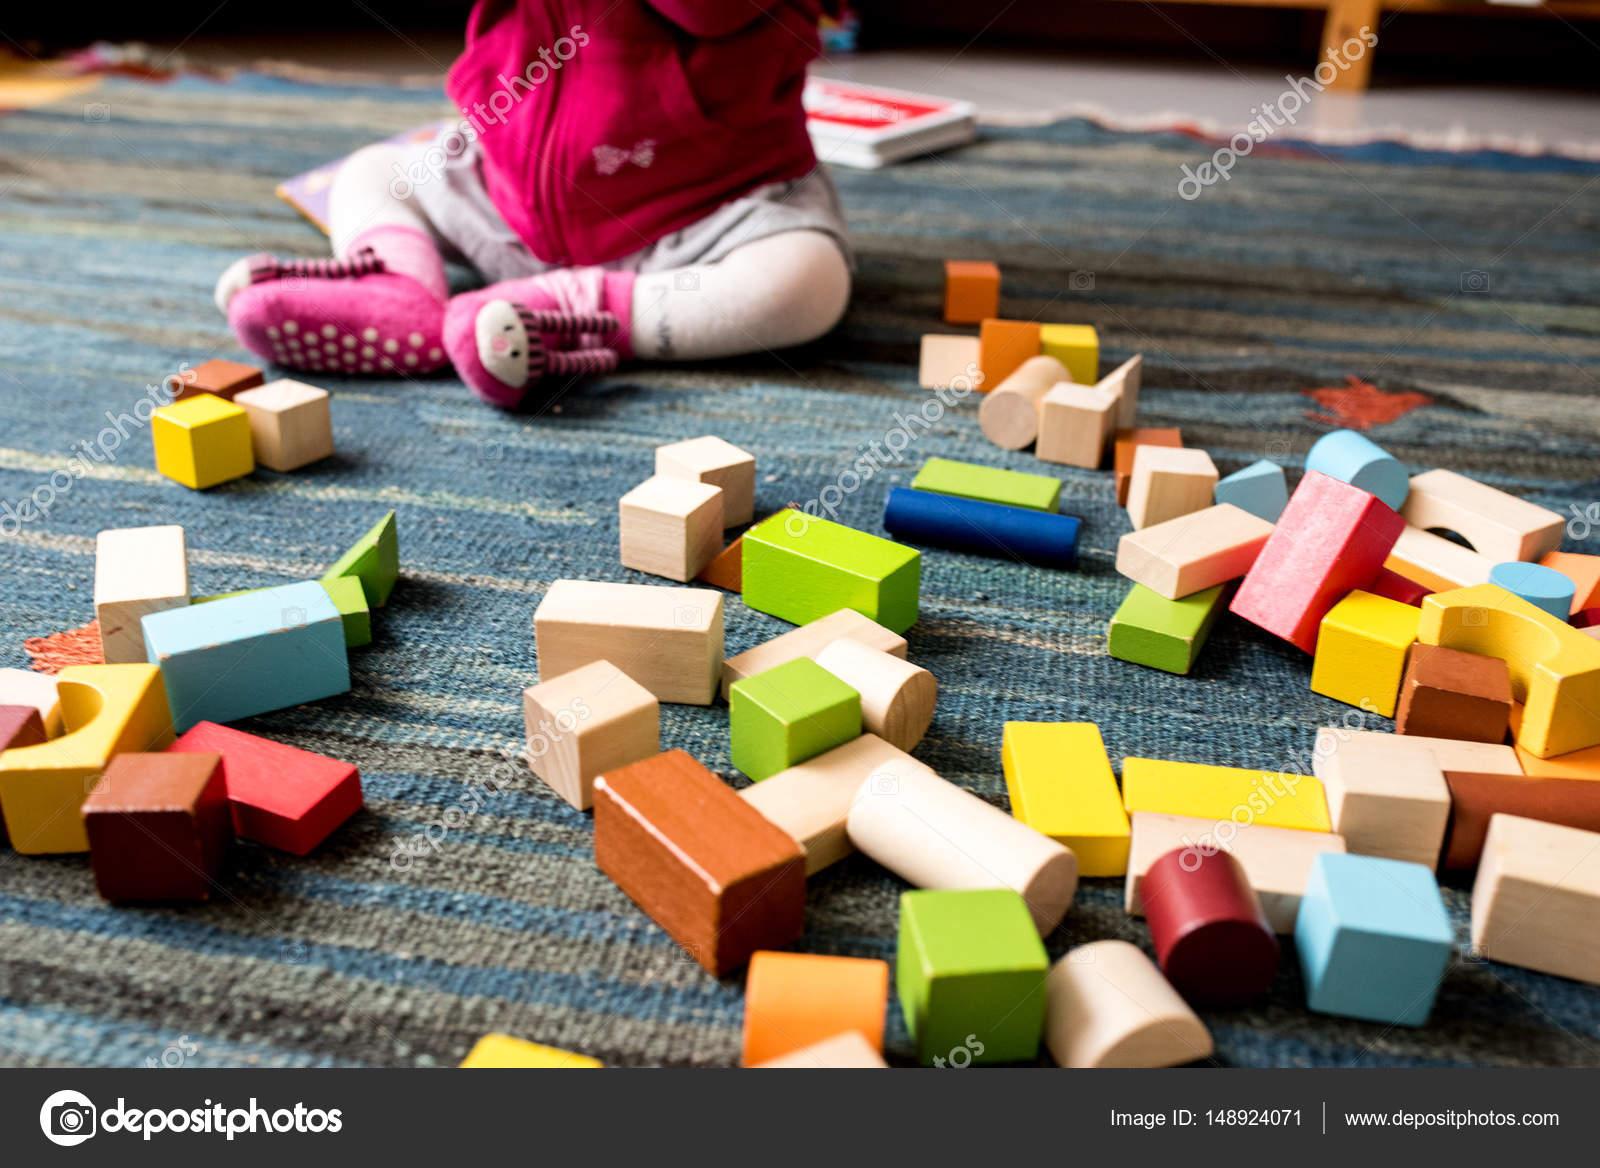 Imagenes Juegos Didacticos Geometricas Y La Construccion De